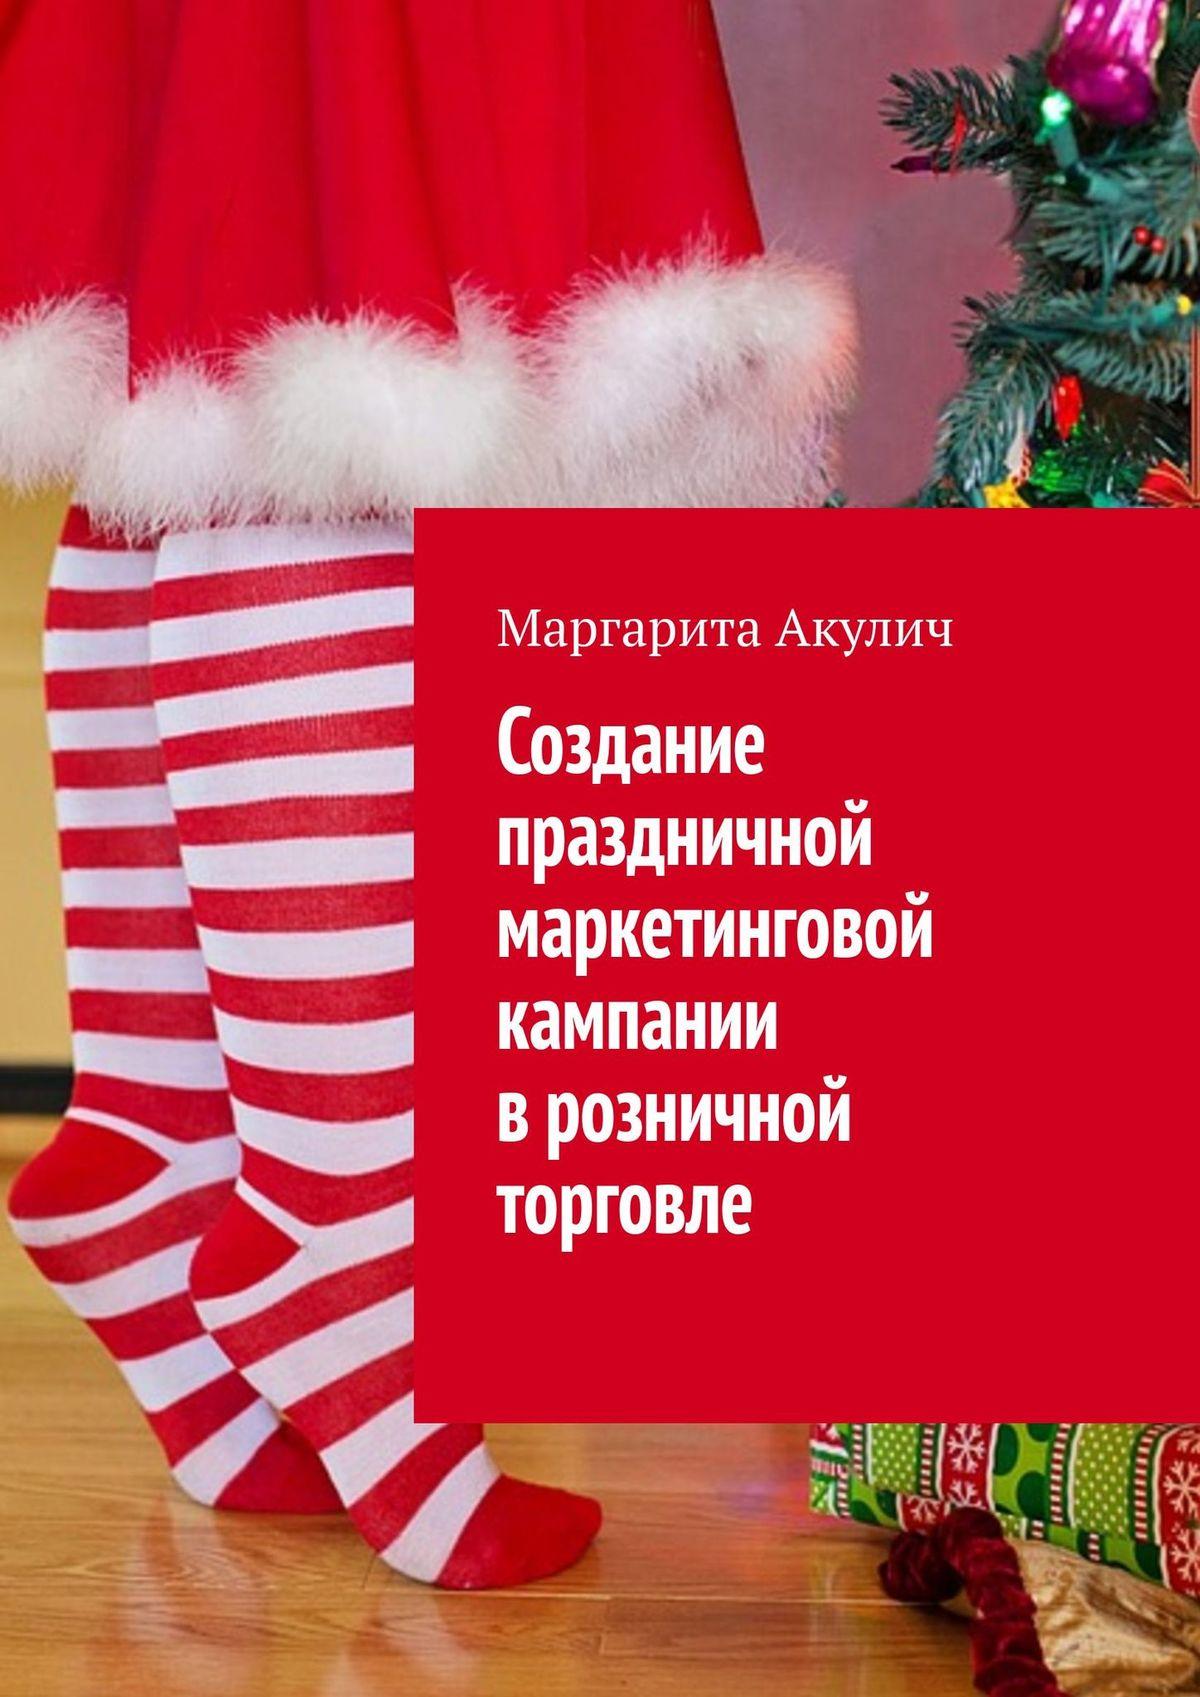 Создание праздничной маркетинговой кампании